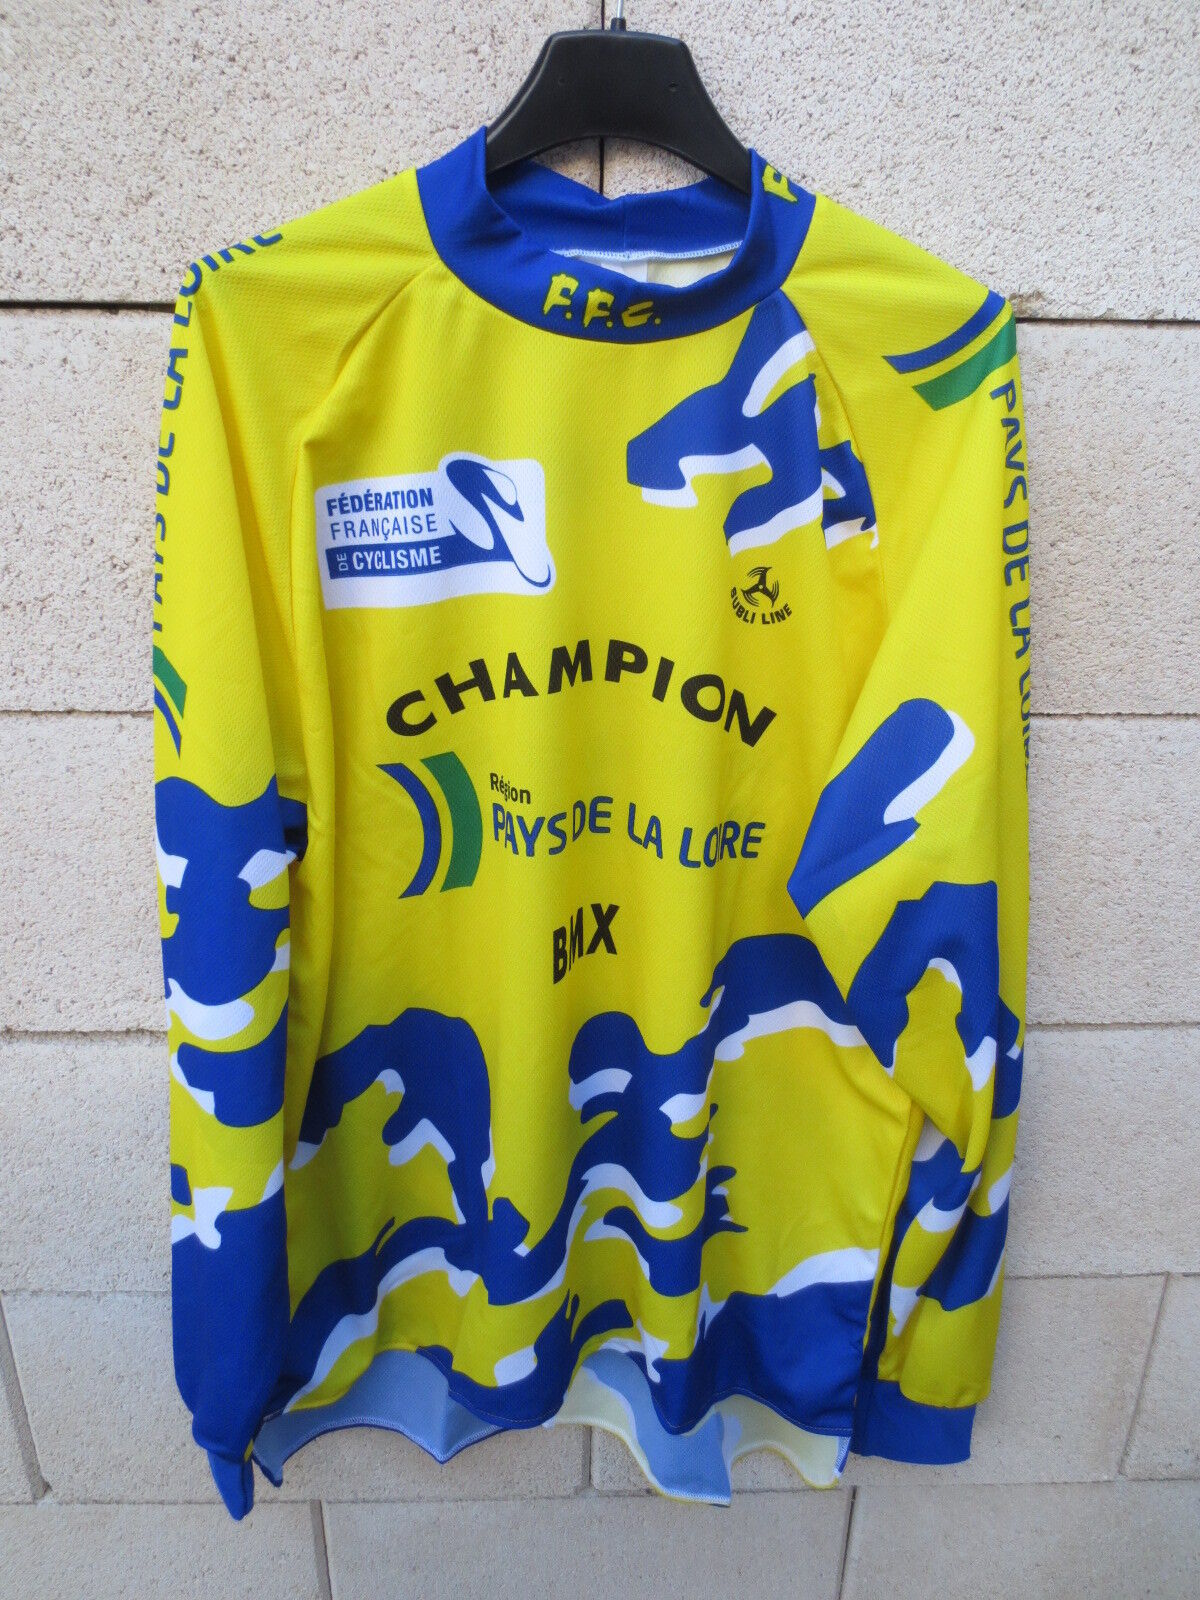 Maillot CHAMPION BMX Pays de la Loire Fédération Française cycliste Subli Line L